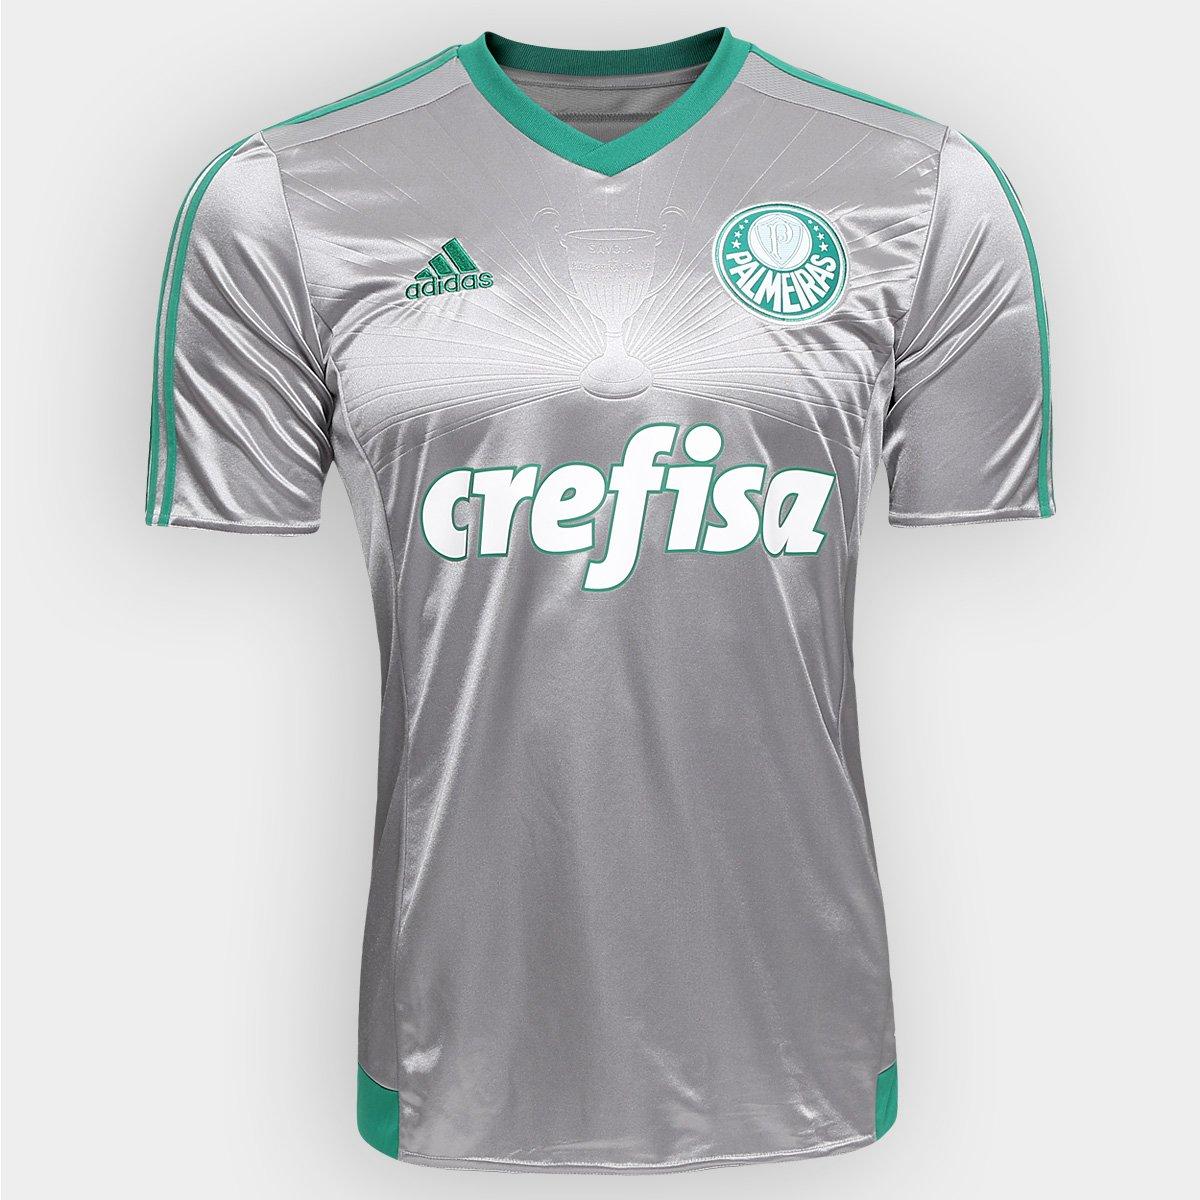 Camisa Adidas Palmeiras III 2015 s nº - Torcedor - Compre Agora ... e176794a6b982